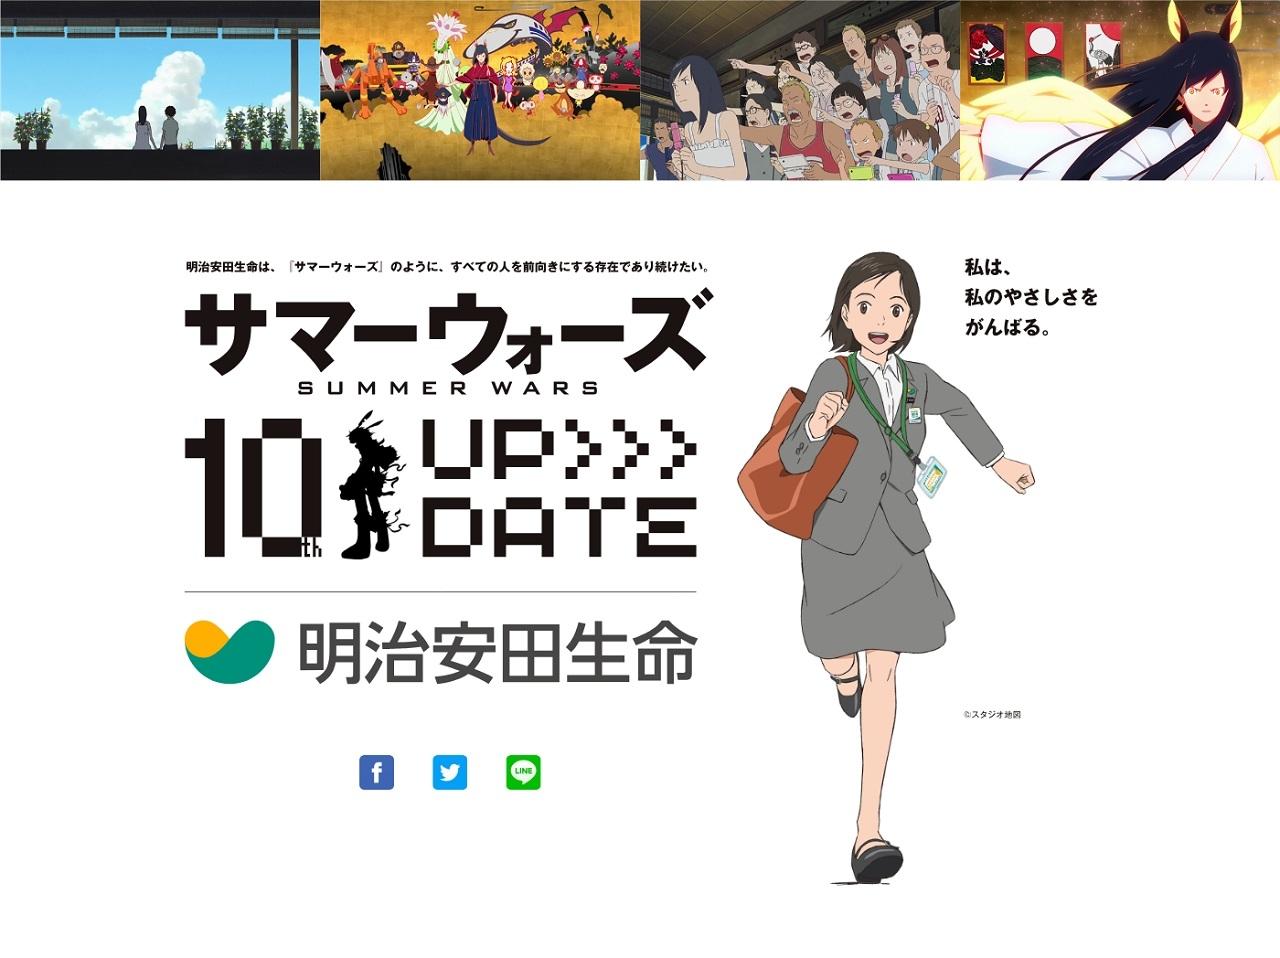 明治安田生命と『サマーウォーズ』タイアップビジュアルが完成